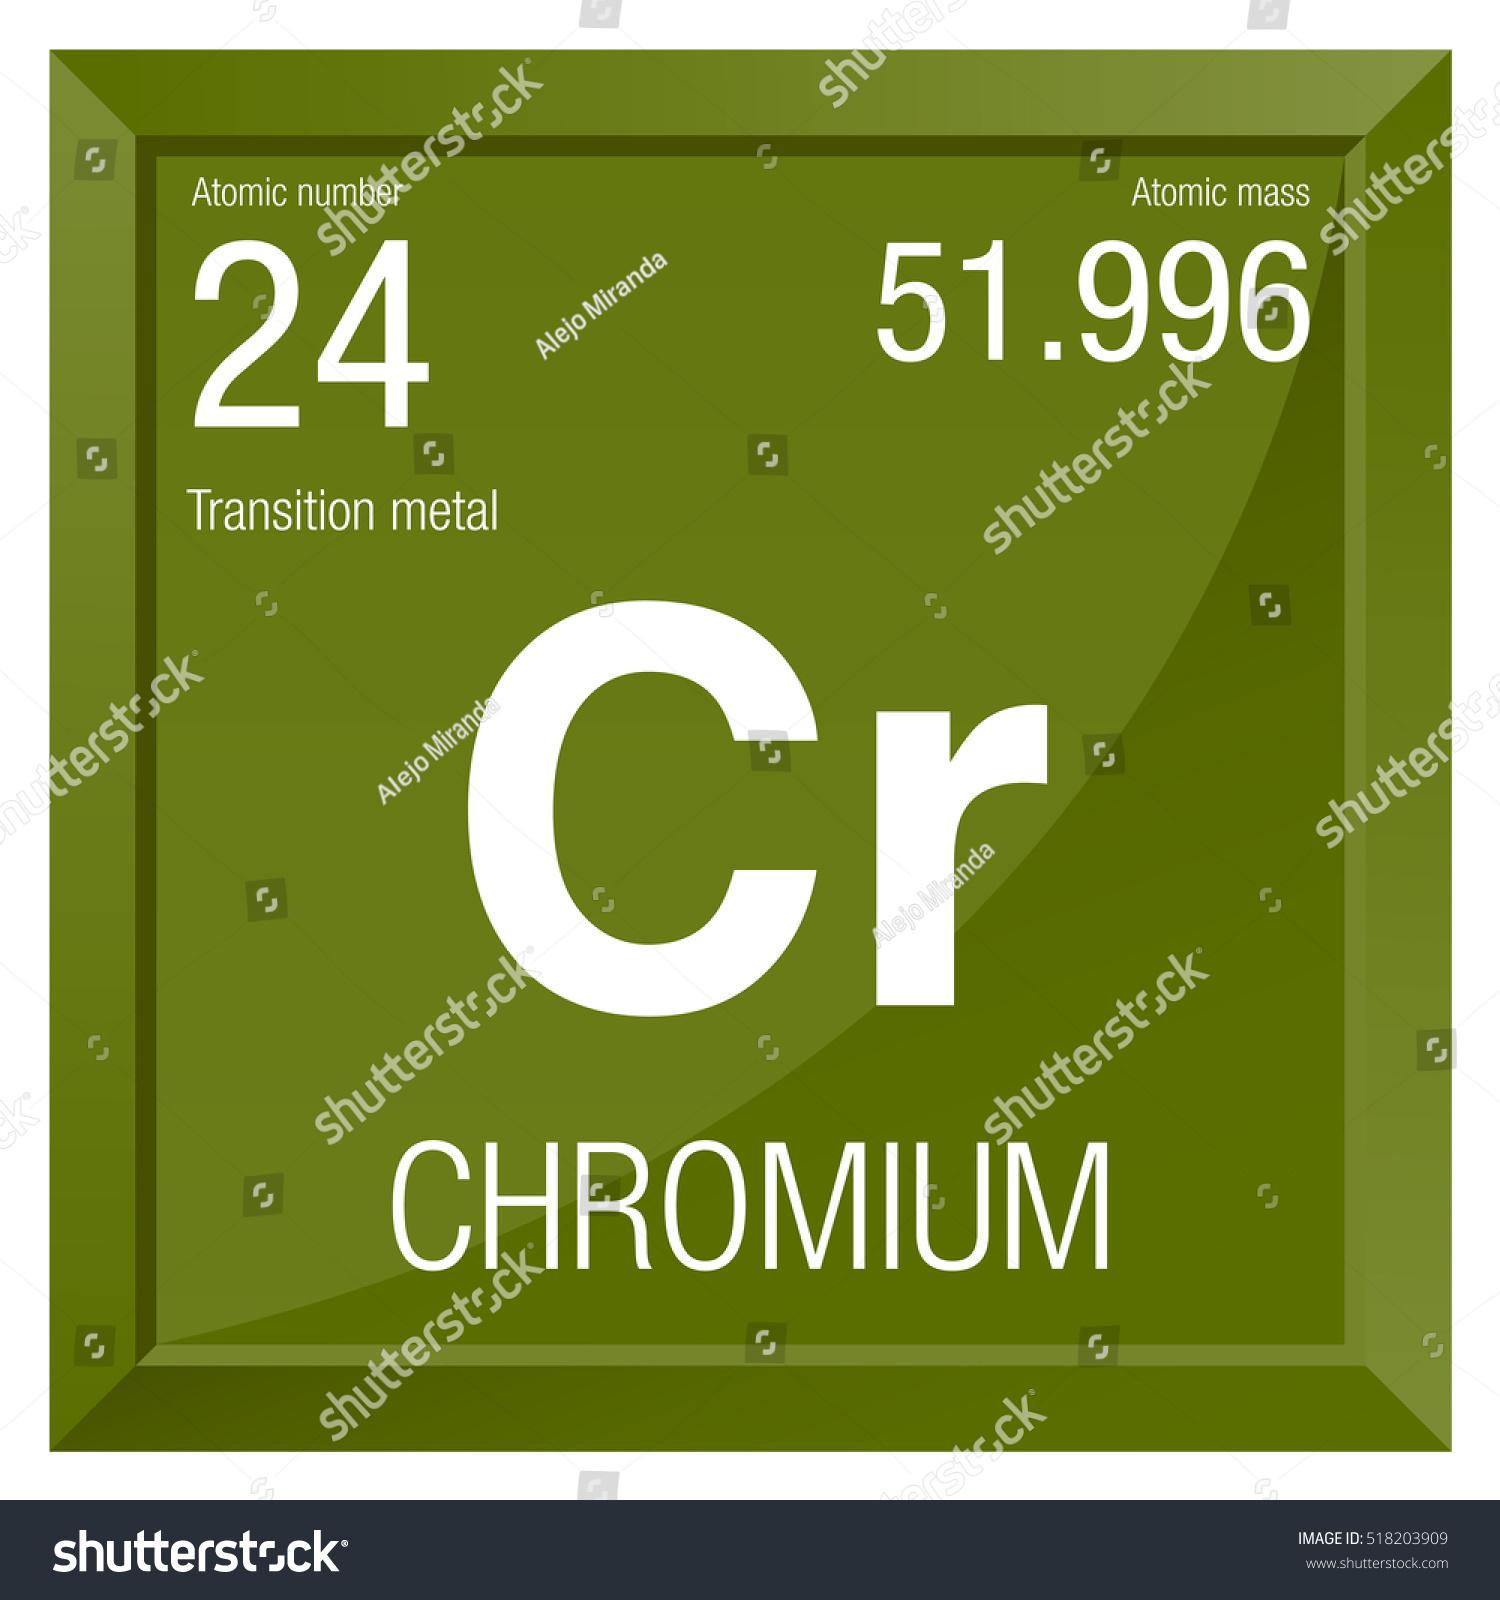 Chromium Symbol Element Number 24 Periodic Stock Vector 518203909